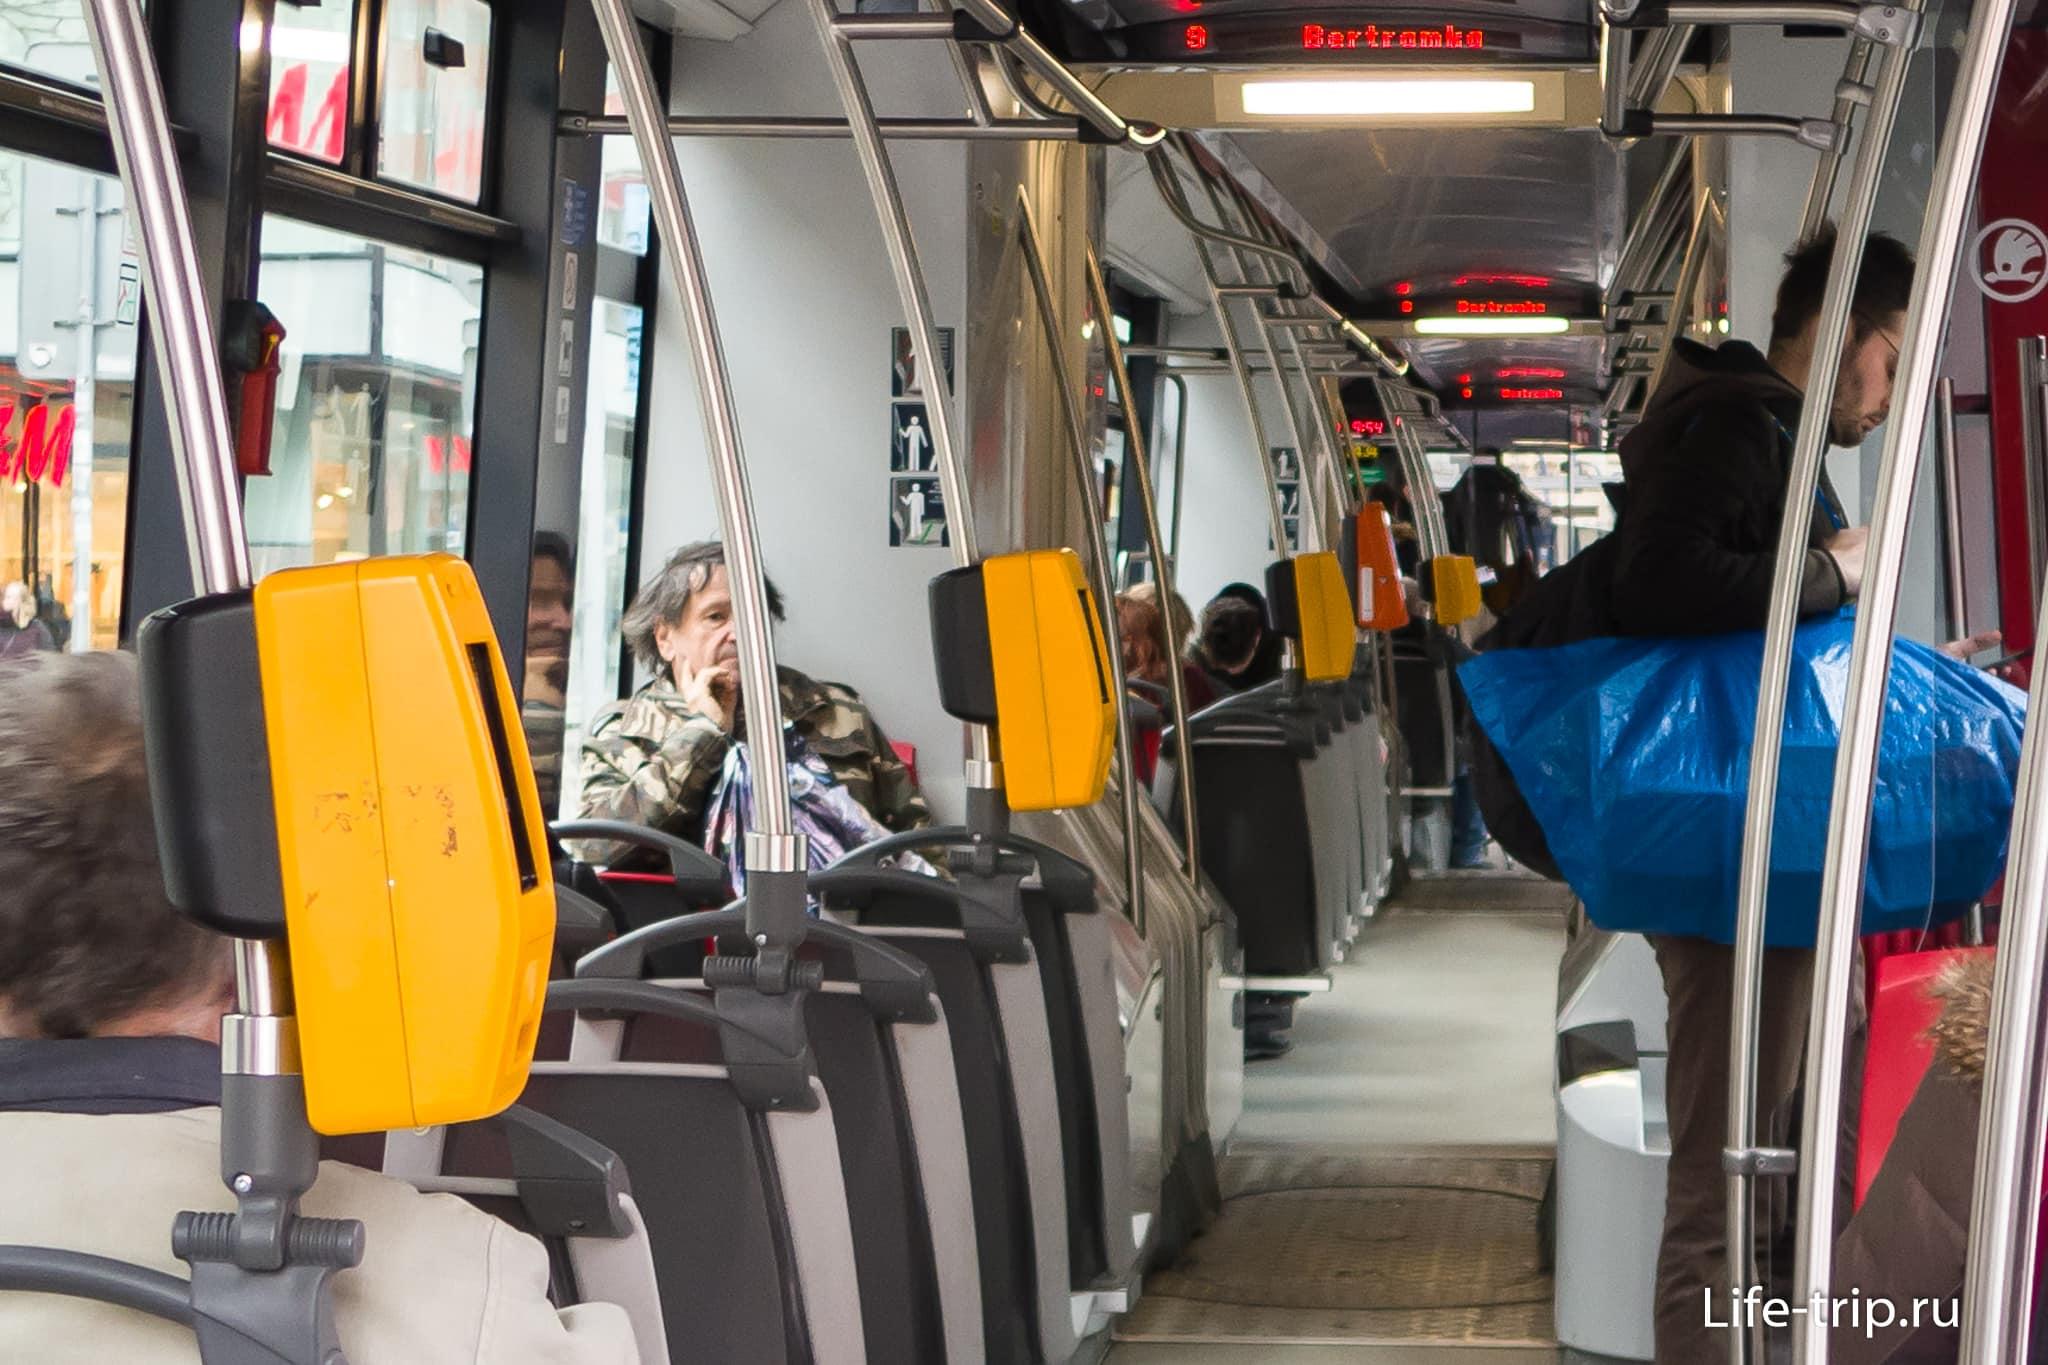 Валидаторы в трамвае – жёлтые, и видно вдалеке оранжевый терминал бесконтактной продажи